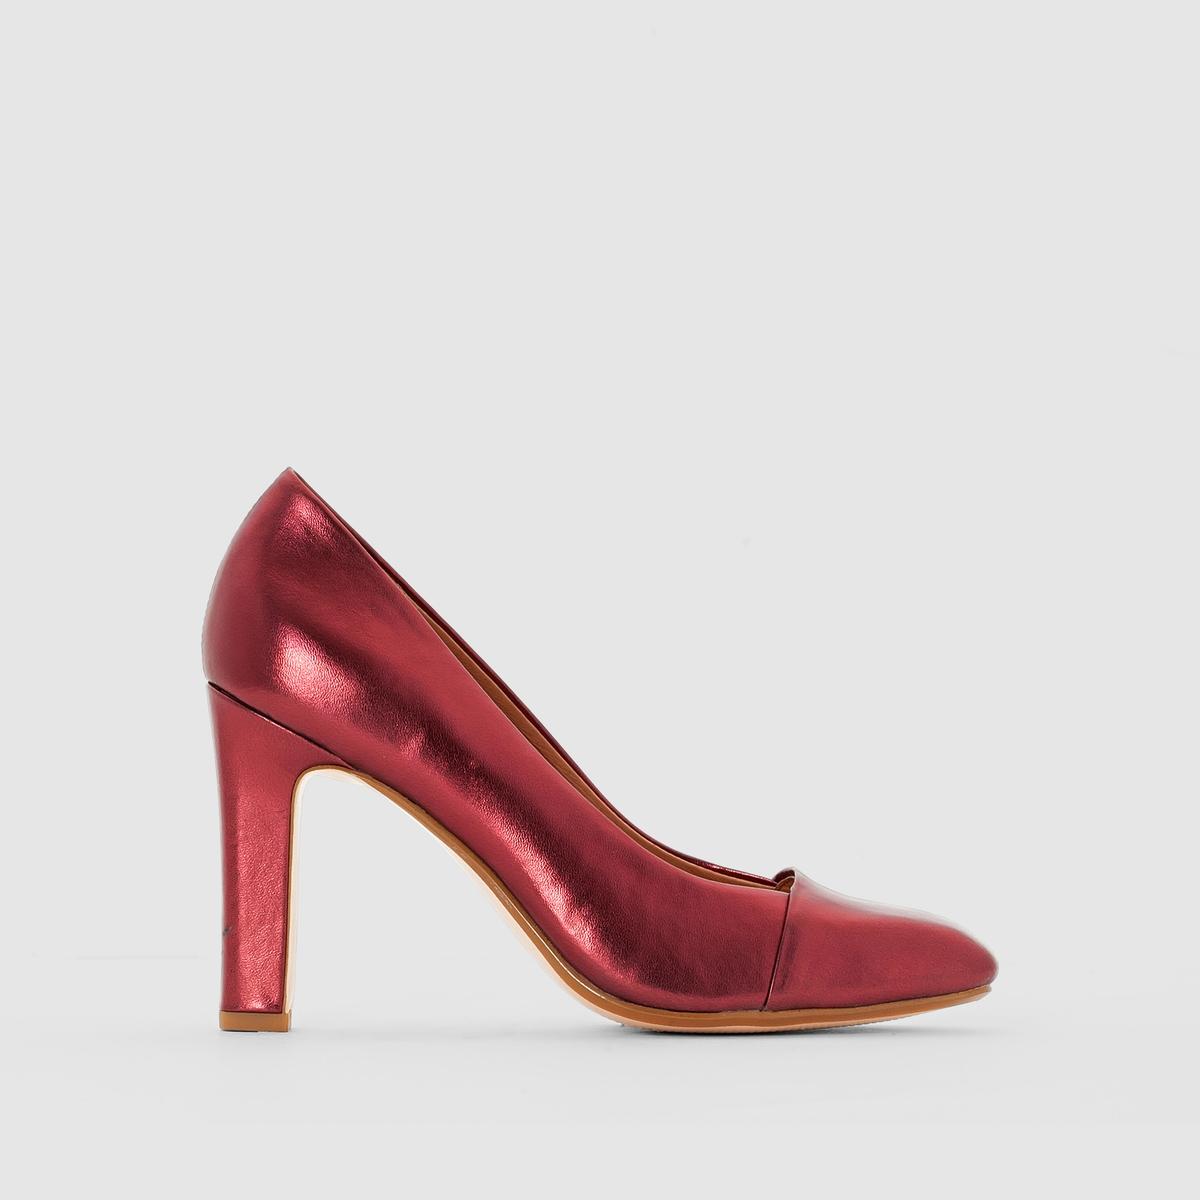 Туфли на высоком каблукеМарка : R studioВерх : синтетикаПодкладка : кожаСтелька : кожаПодошва : эластомерКаблук : 9 смЗастежка : без застежки<br><br>Цвет: бордовый,черный<br>Размер: 36.38.38